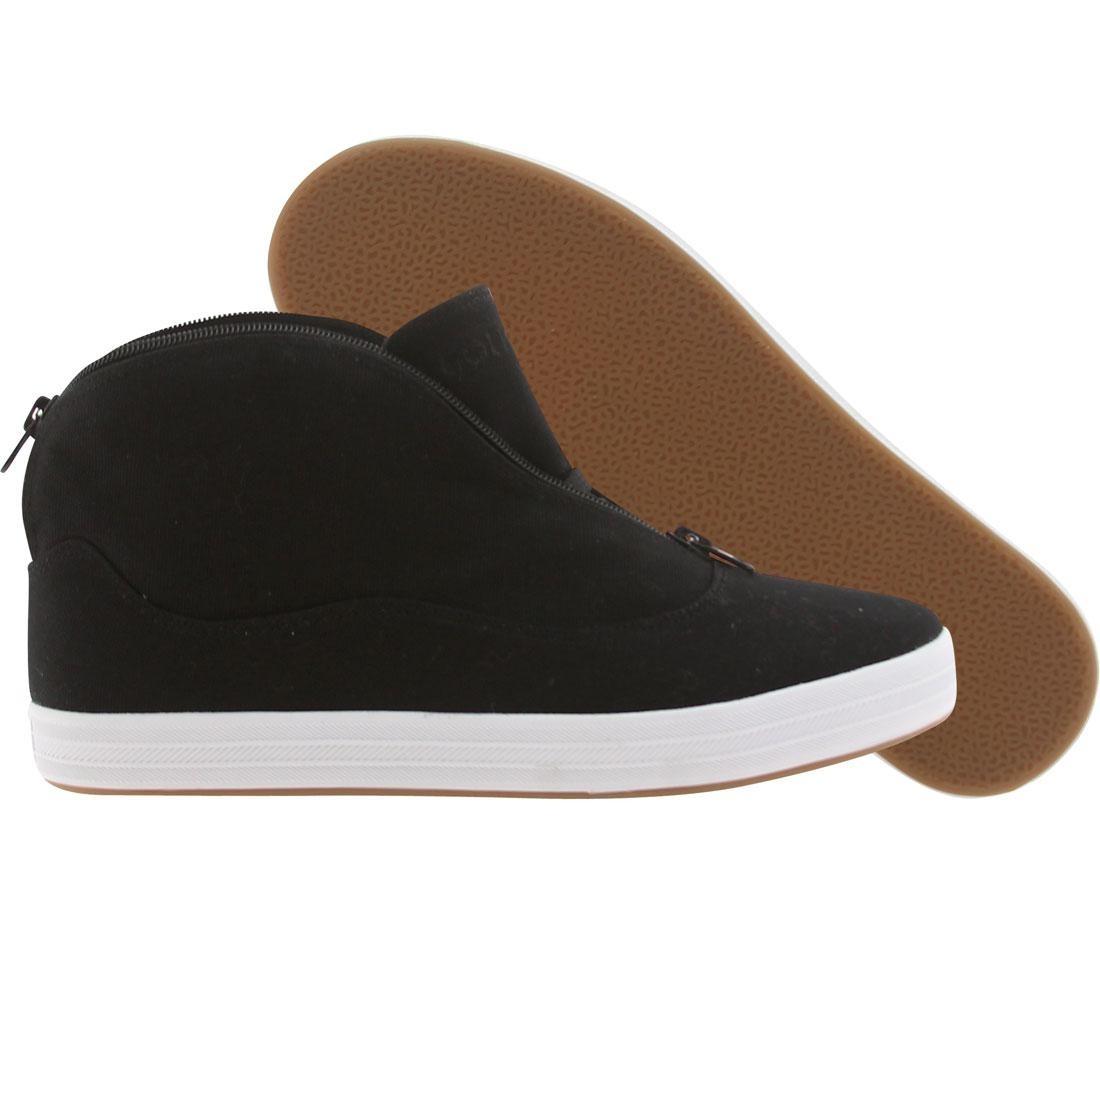 【海外限定】グルメ L'DUE メンズ靴 靴 【 GOURMET CANVAS BLACK WHITE 】